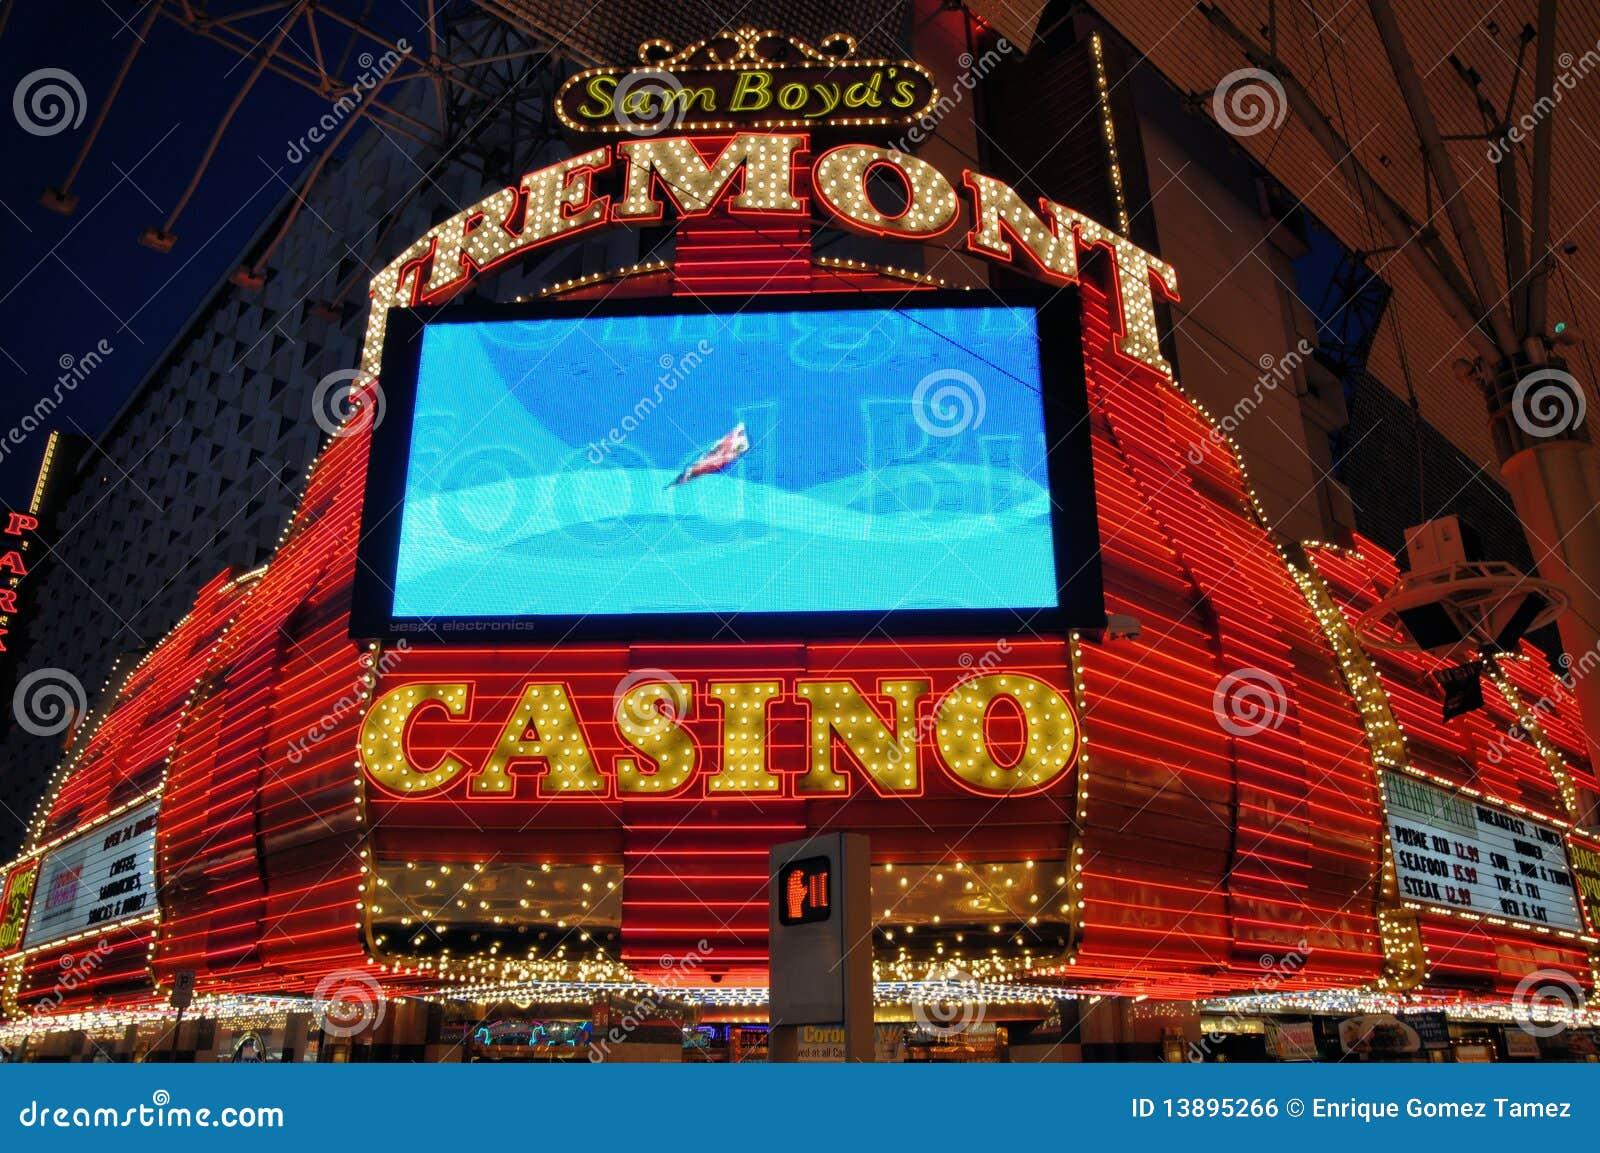 Casino de Las Vegas Fremont